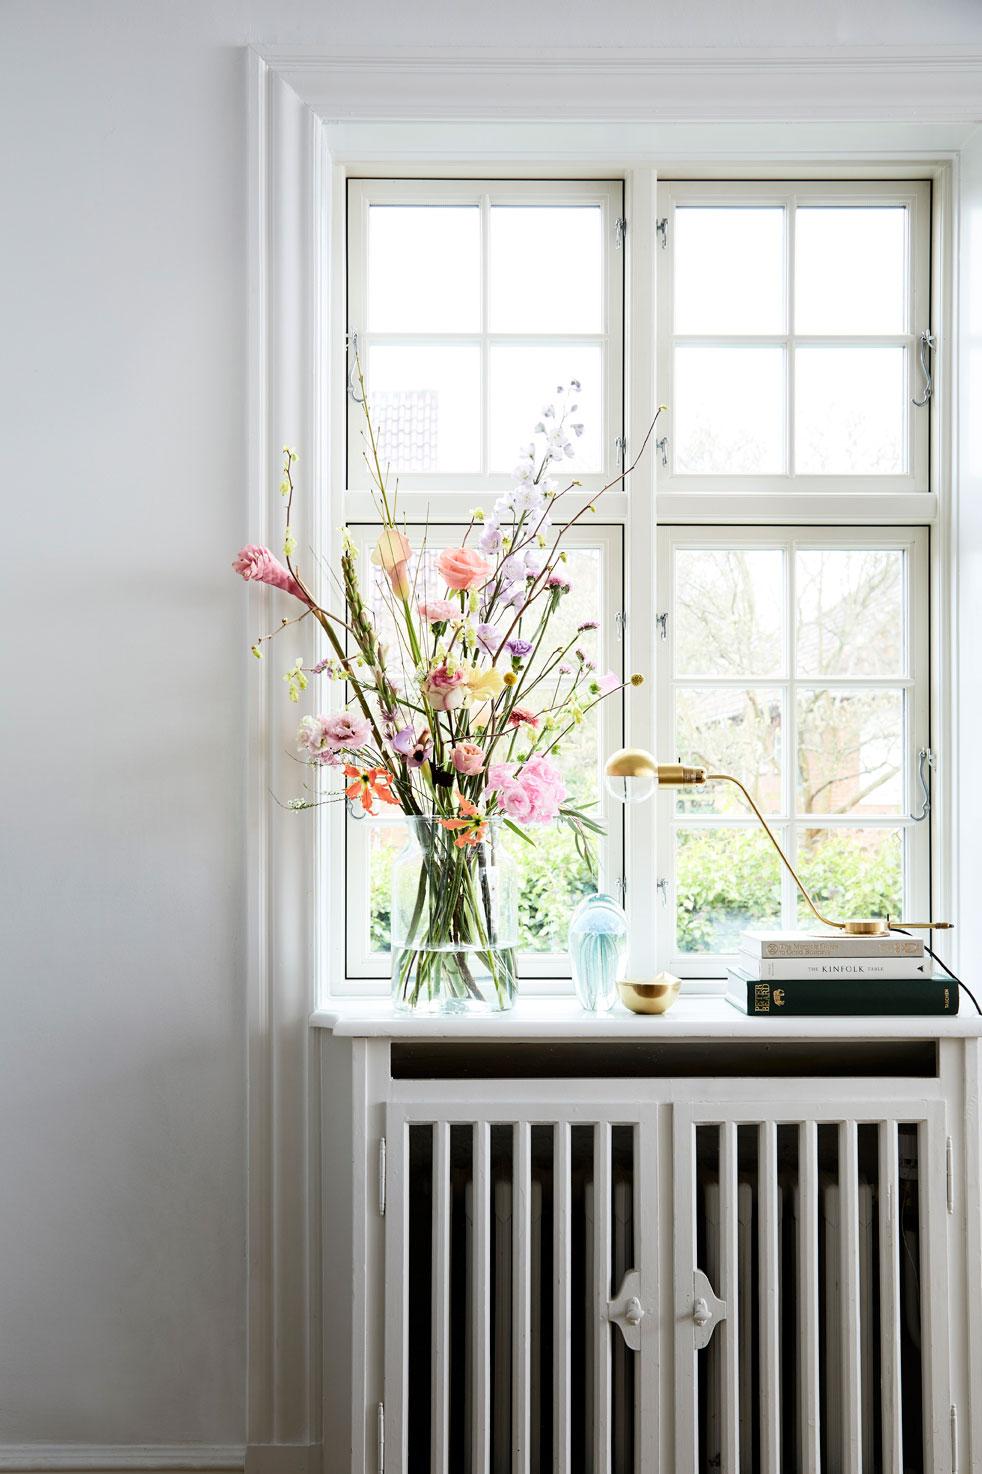 Høeg-+-Møller-17.03.29-Bloomon2307-C.jpg